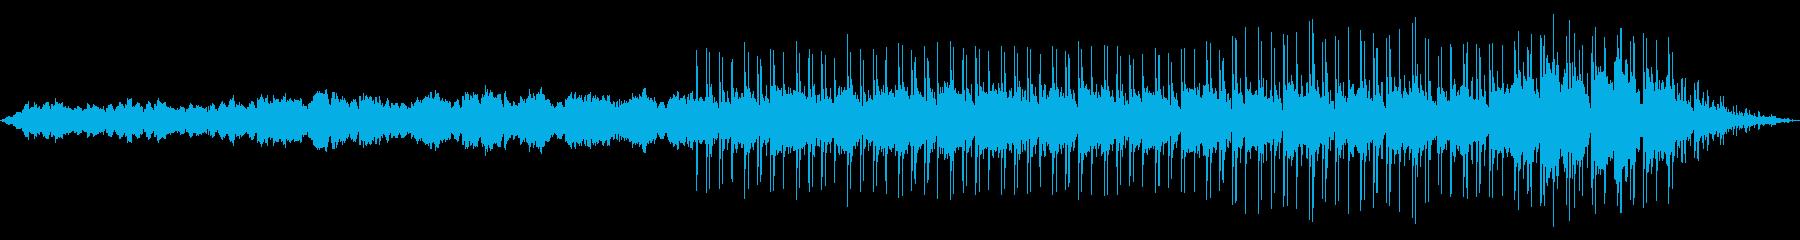 シンセとフィルターギターフレーズの再生済みの波形